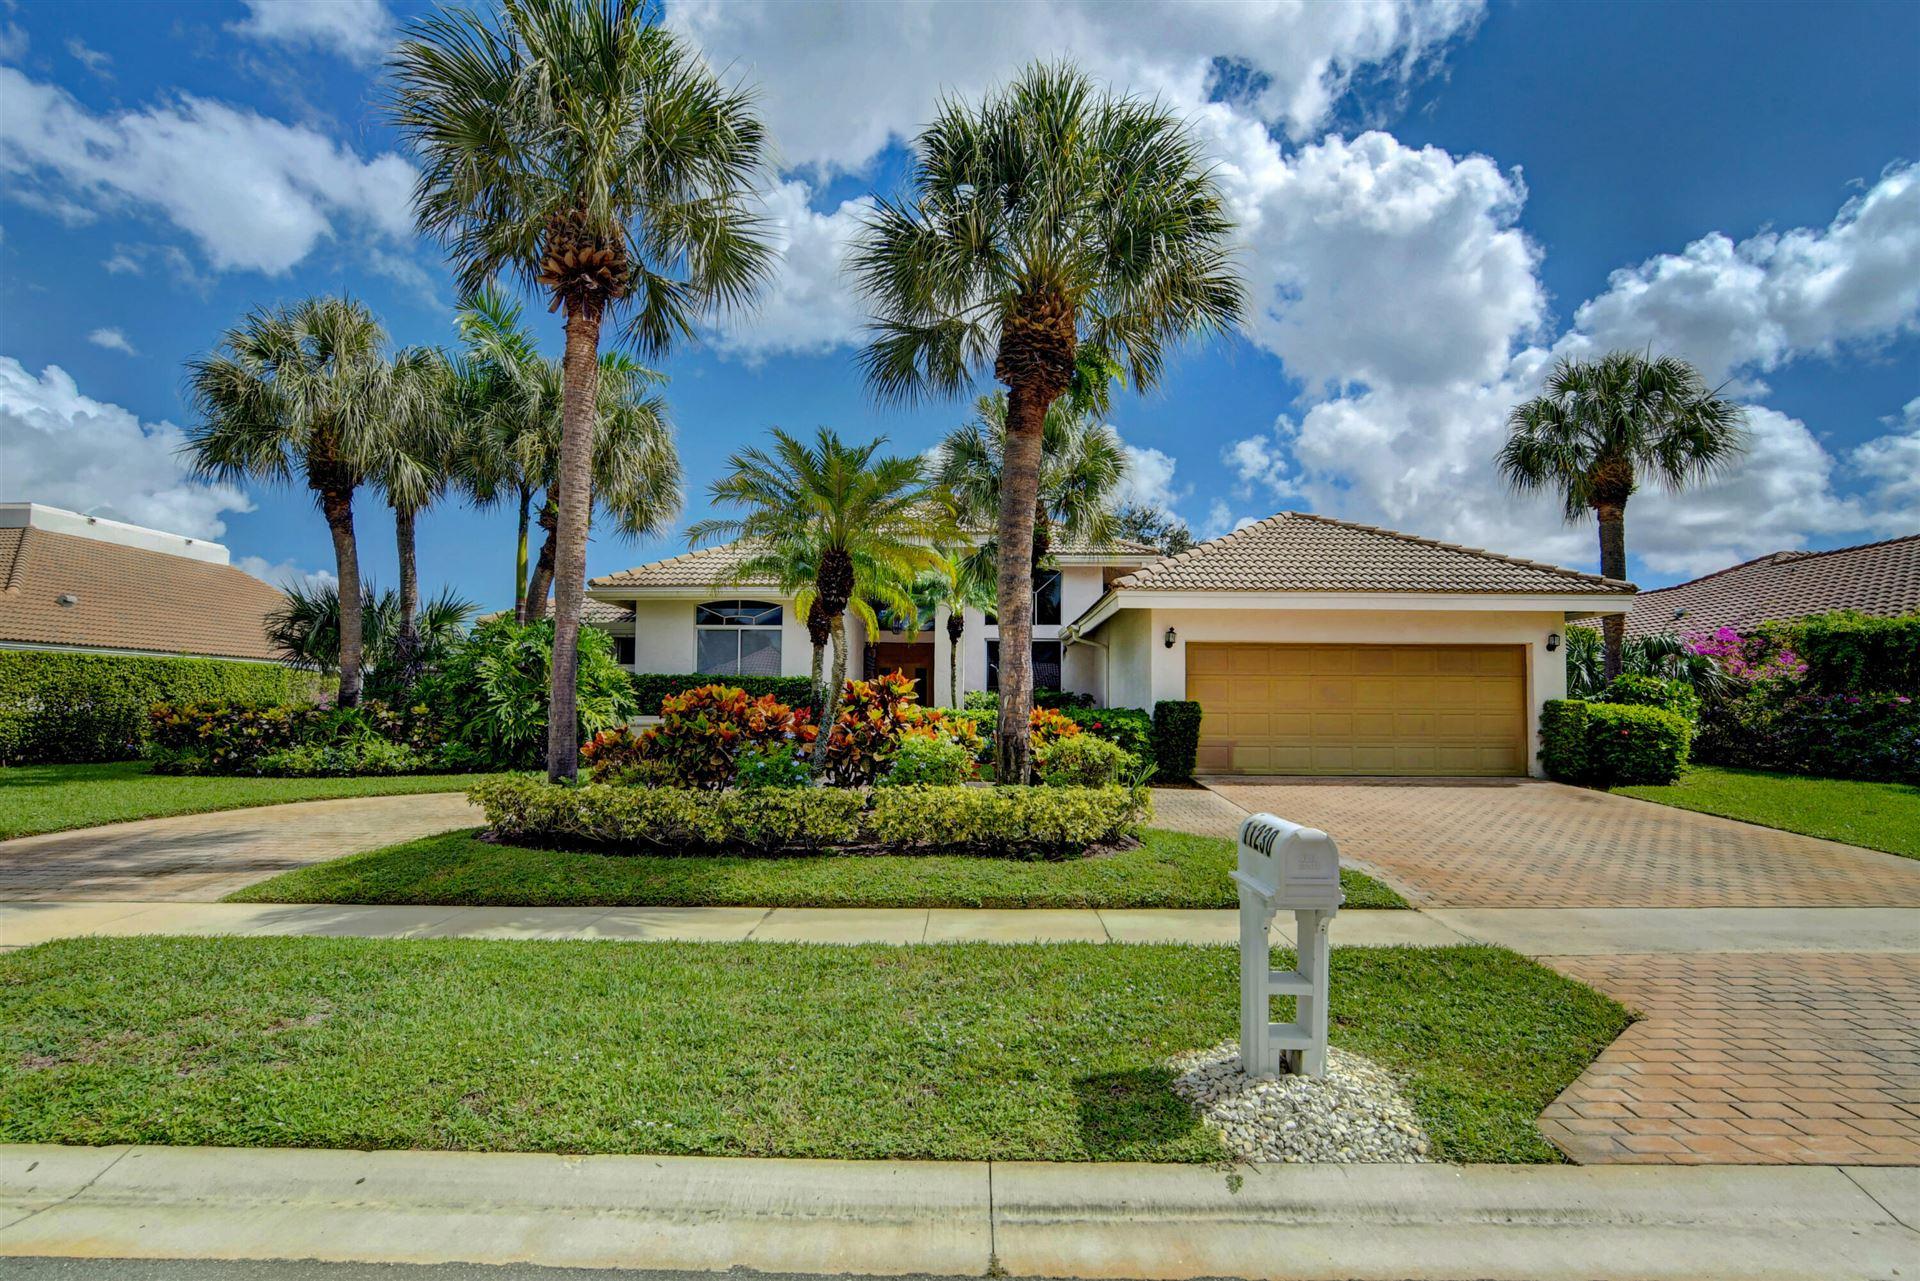 11230 Westland Circle, Boynton Beach, FL 33437 - MLS#: RX-10752103